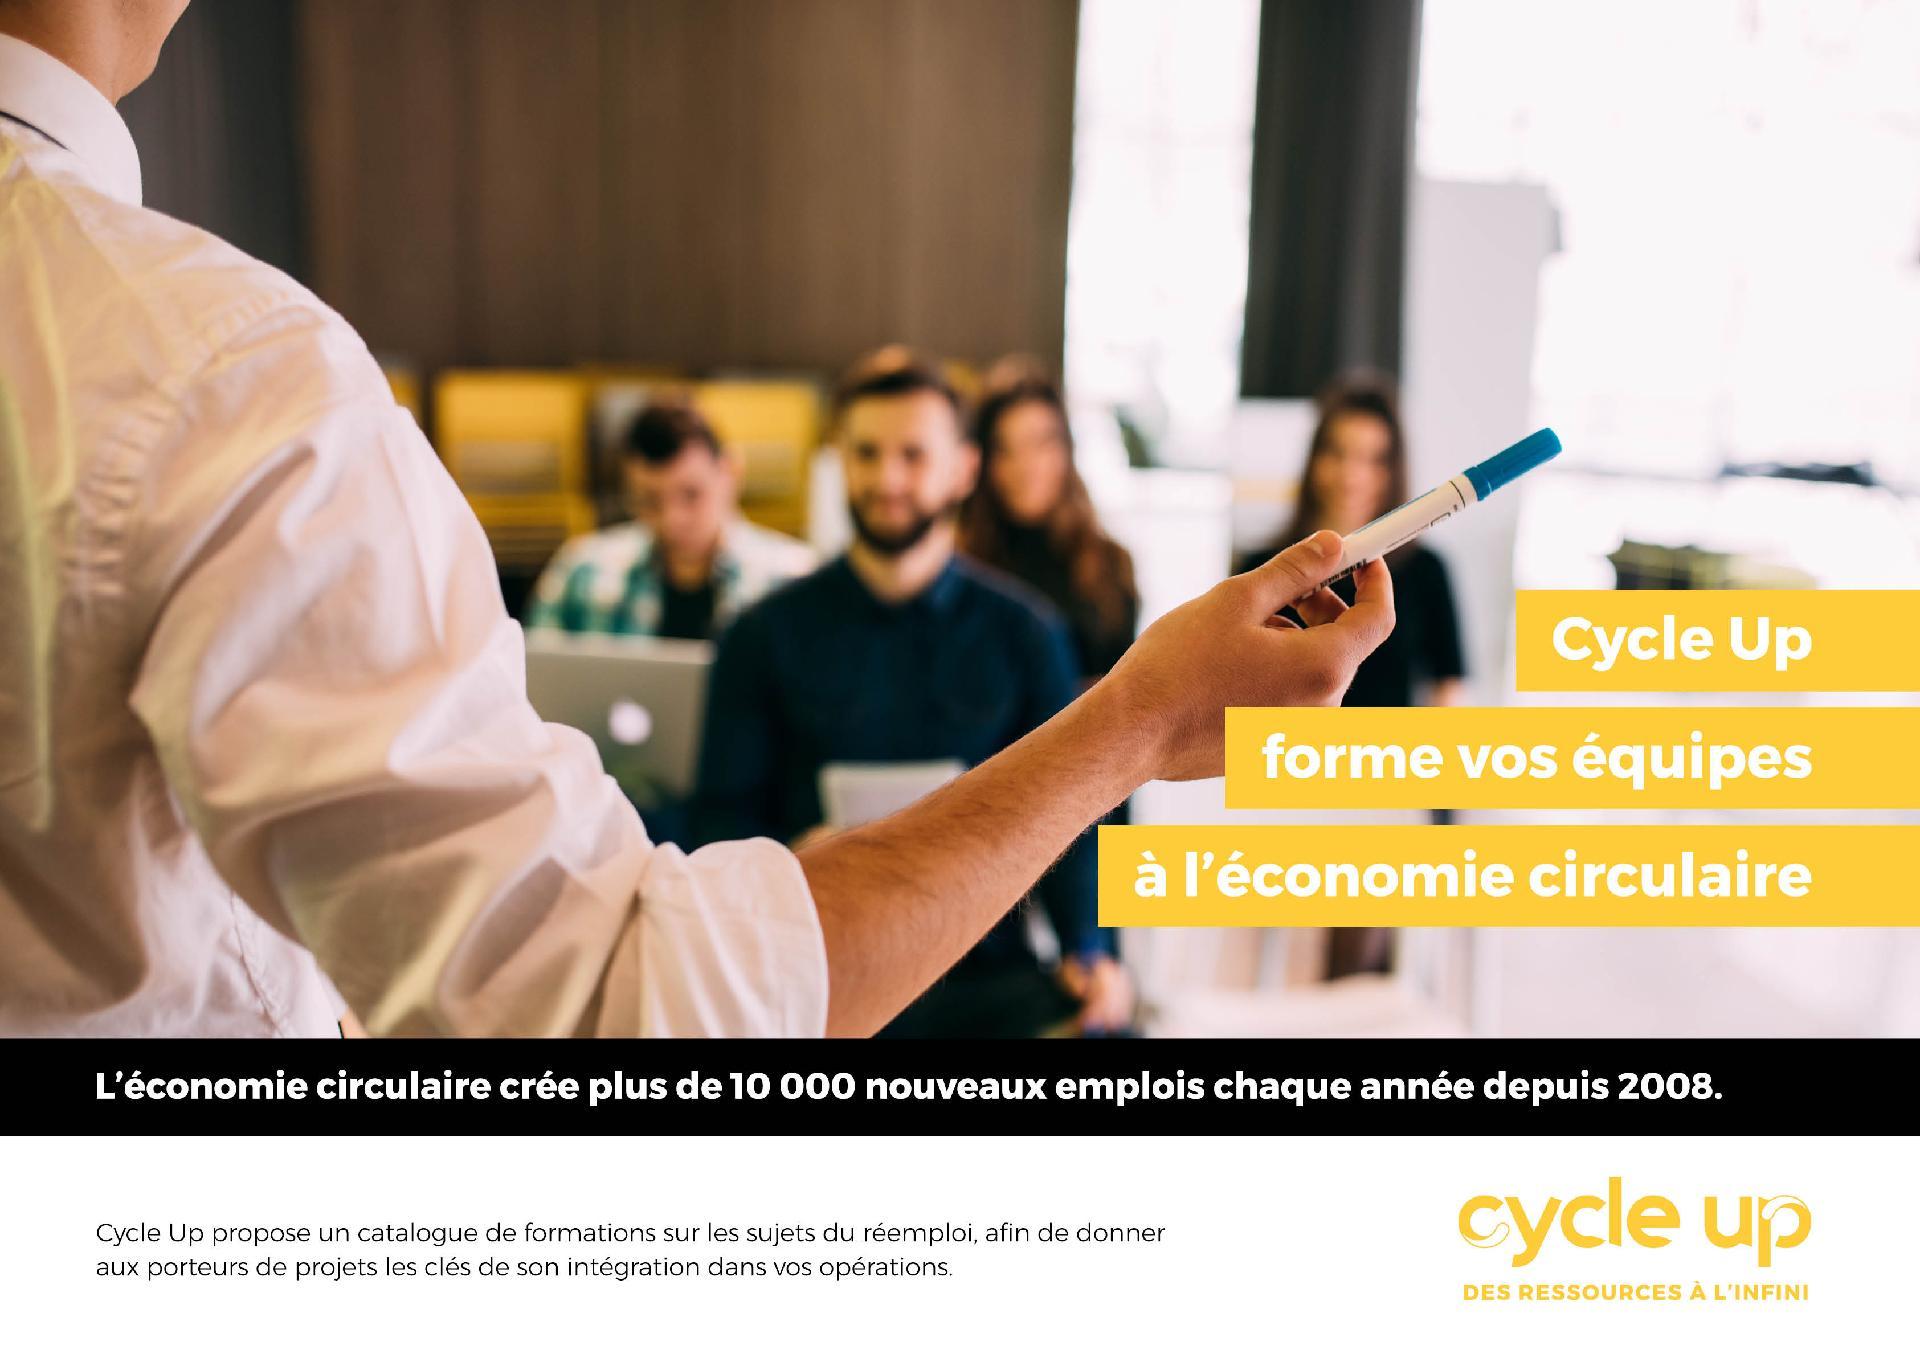 plaquette possibilité de former vos équipes à l'économie circulaire